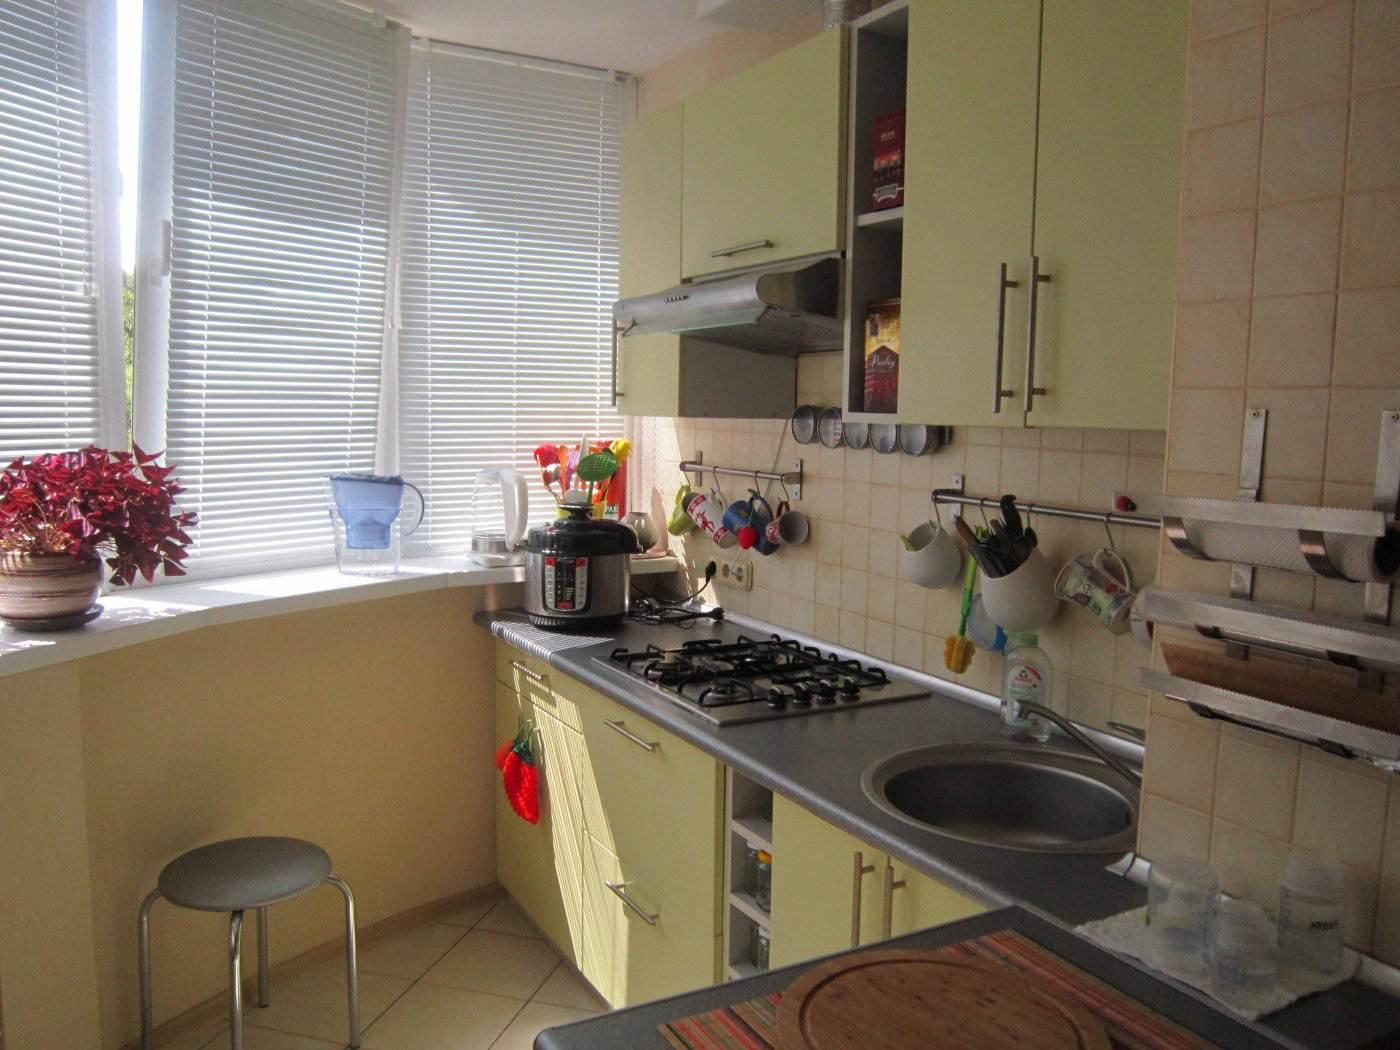 Салатовая кухня, объединенная с балконом (13 фото).